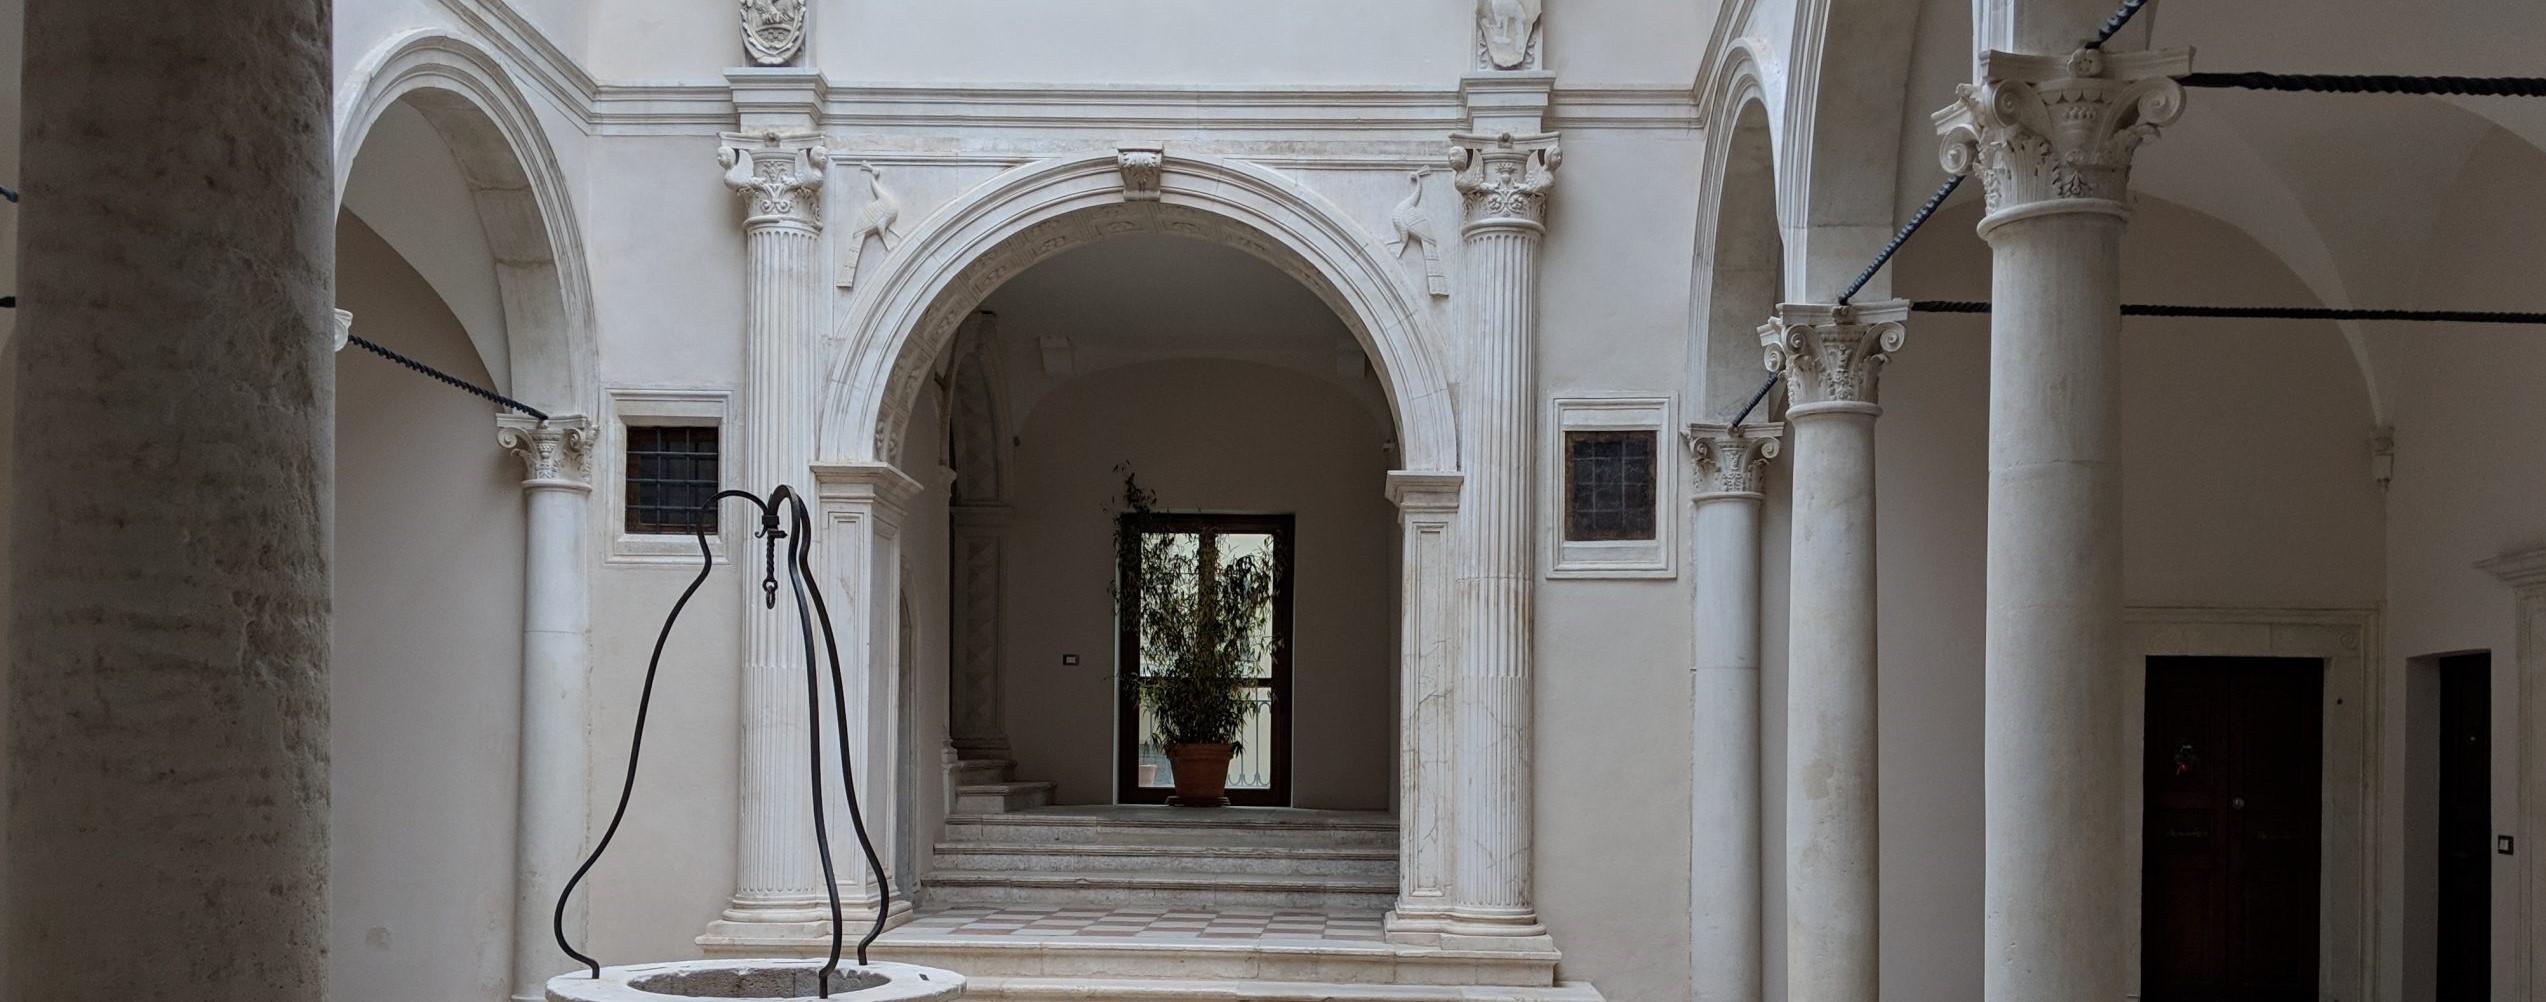 Valorizzazione Immobili Centro Storico: Progetto Heritage